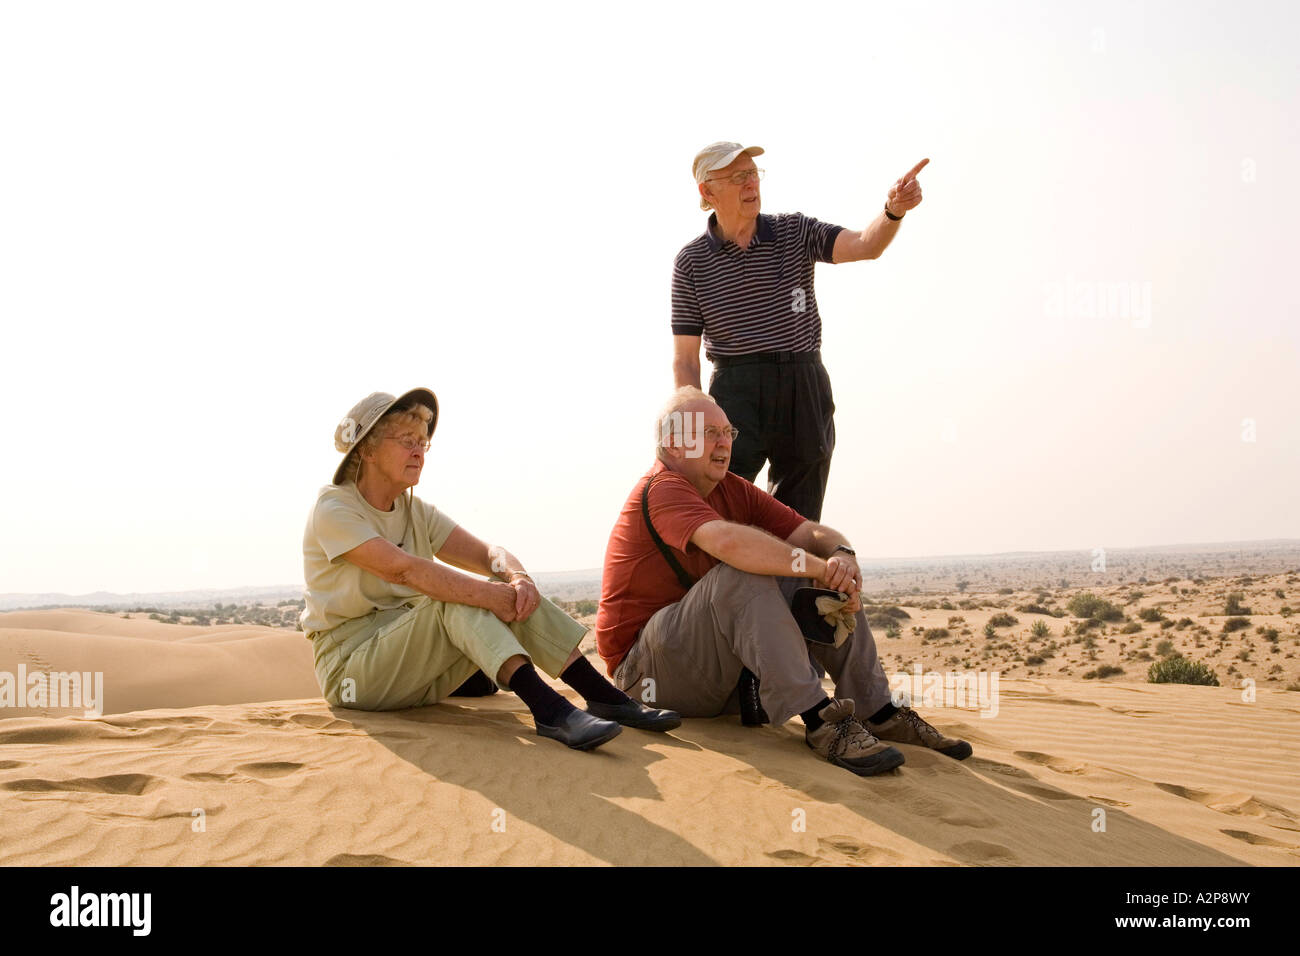 India Rajasthan Thar Desert older western family on sand dunes - Stock Image